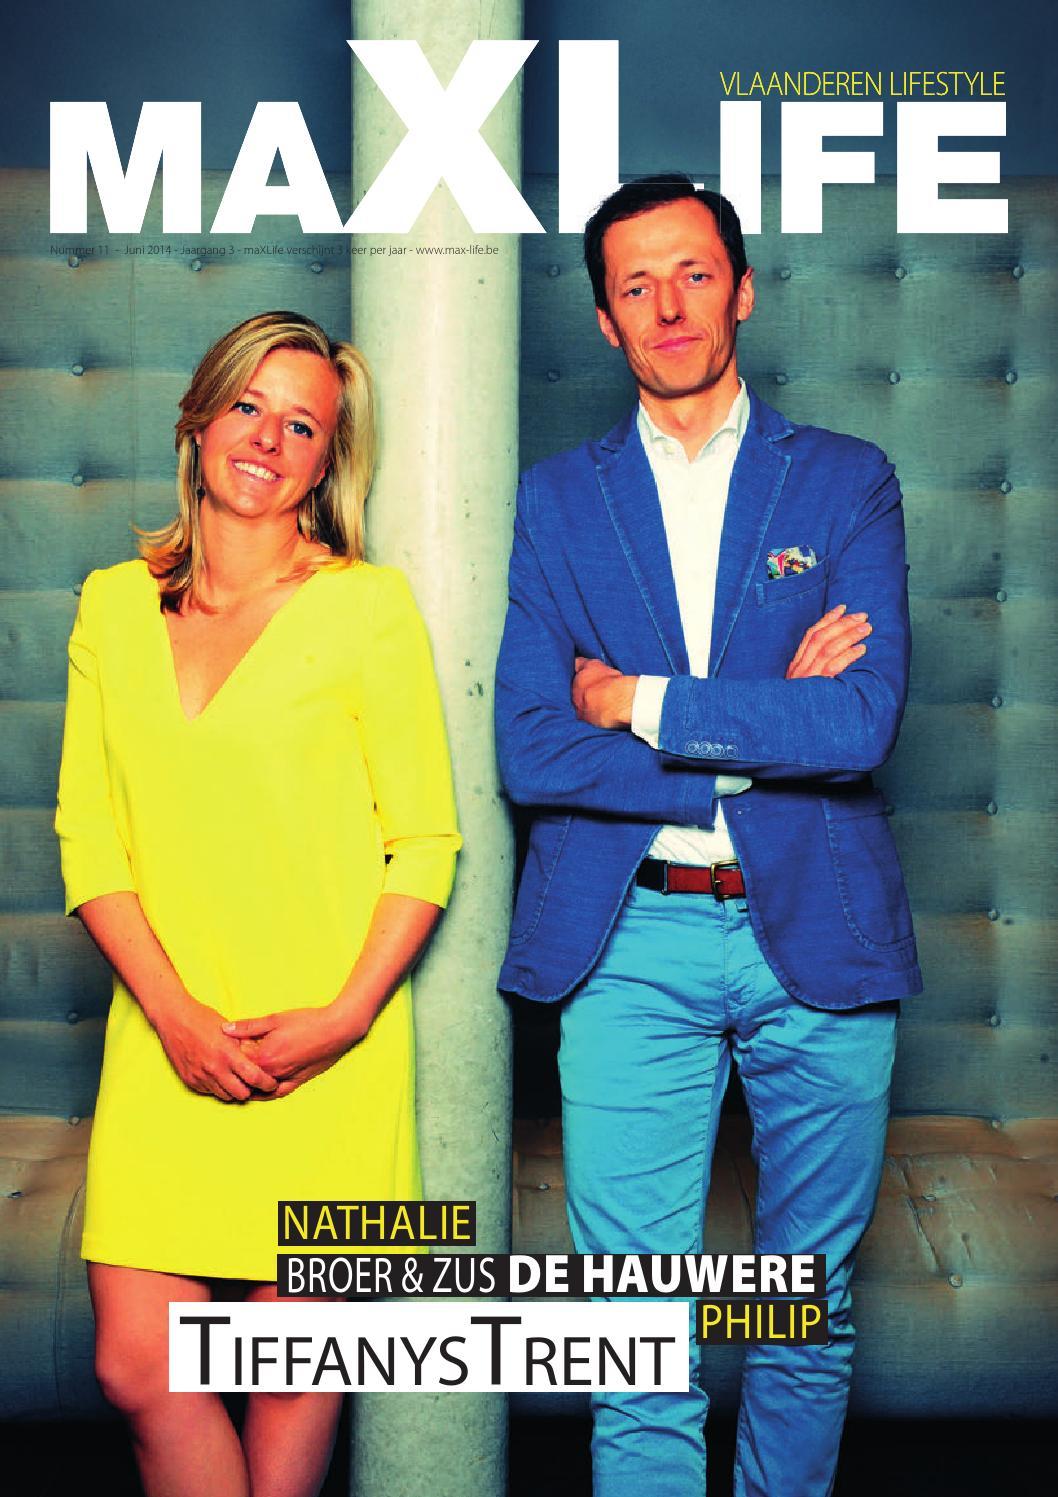 Maxlife vlaanderen lifestyle 11 by maxlife   issuu